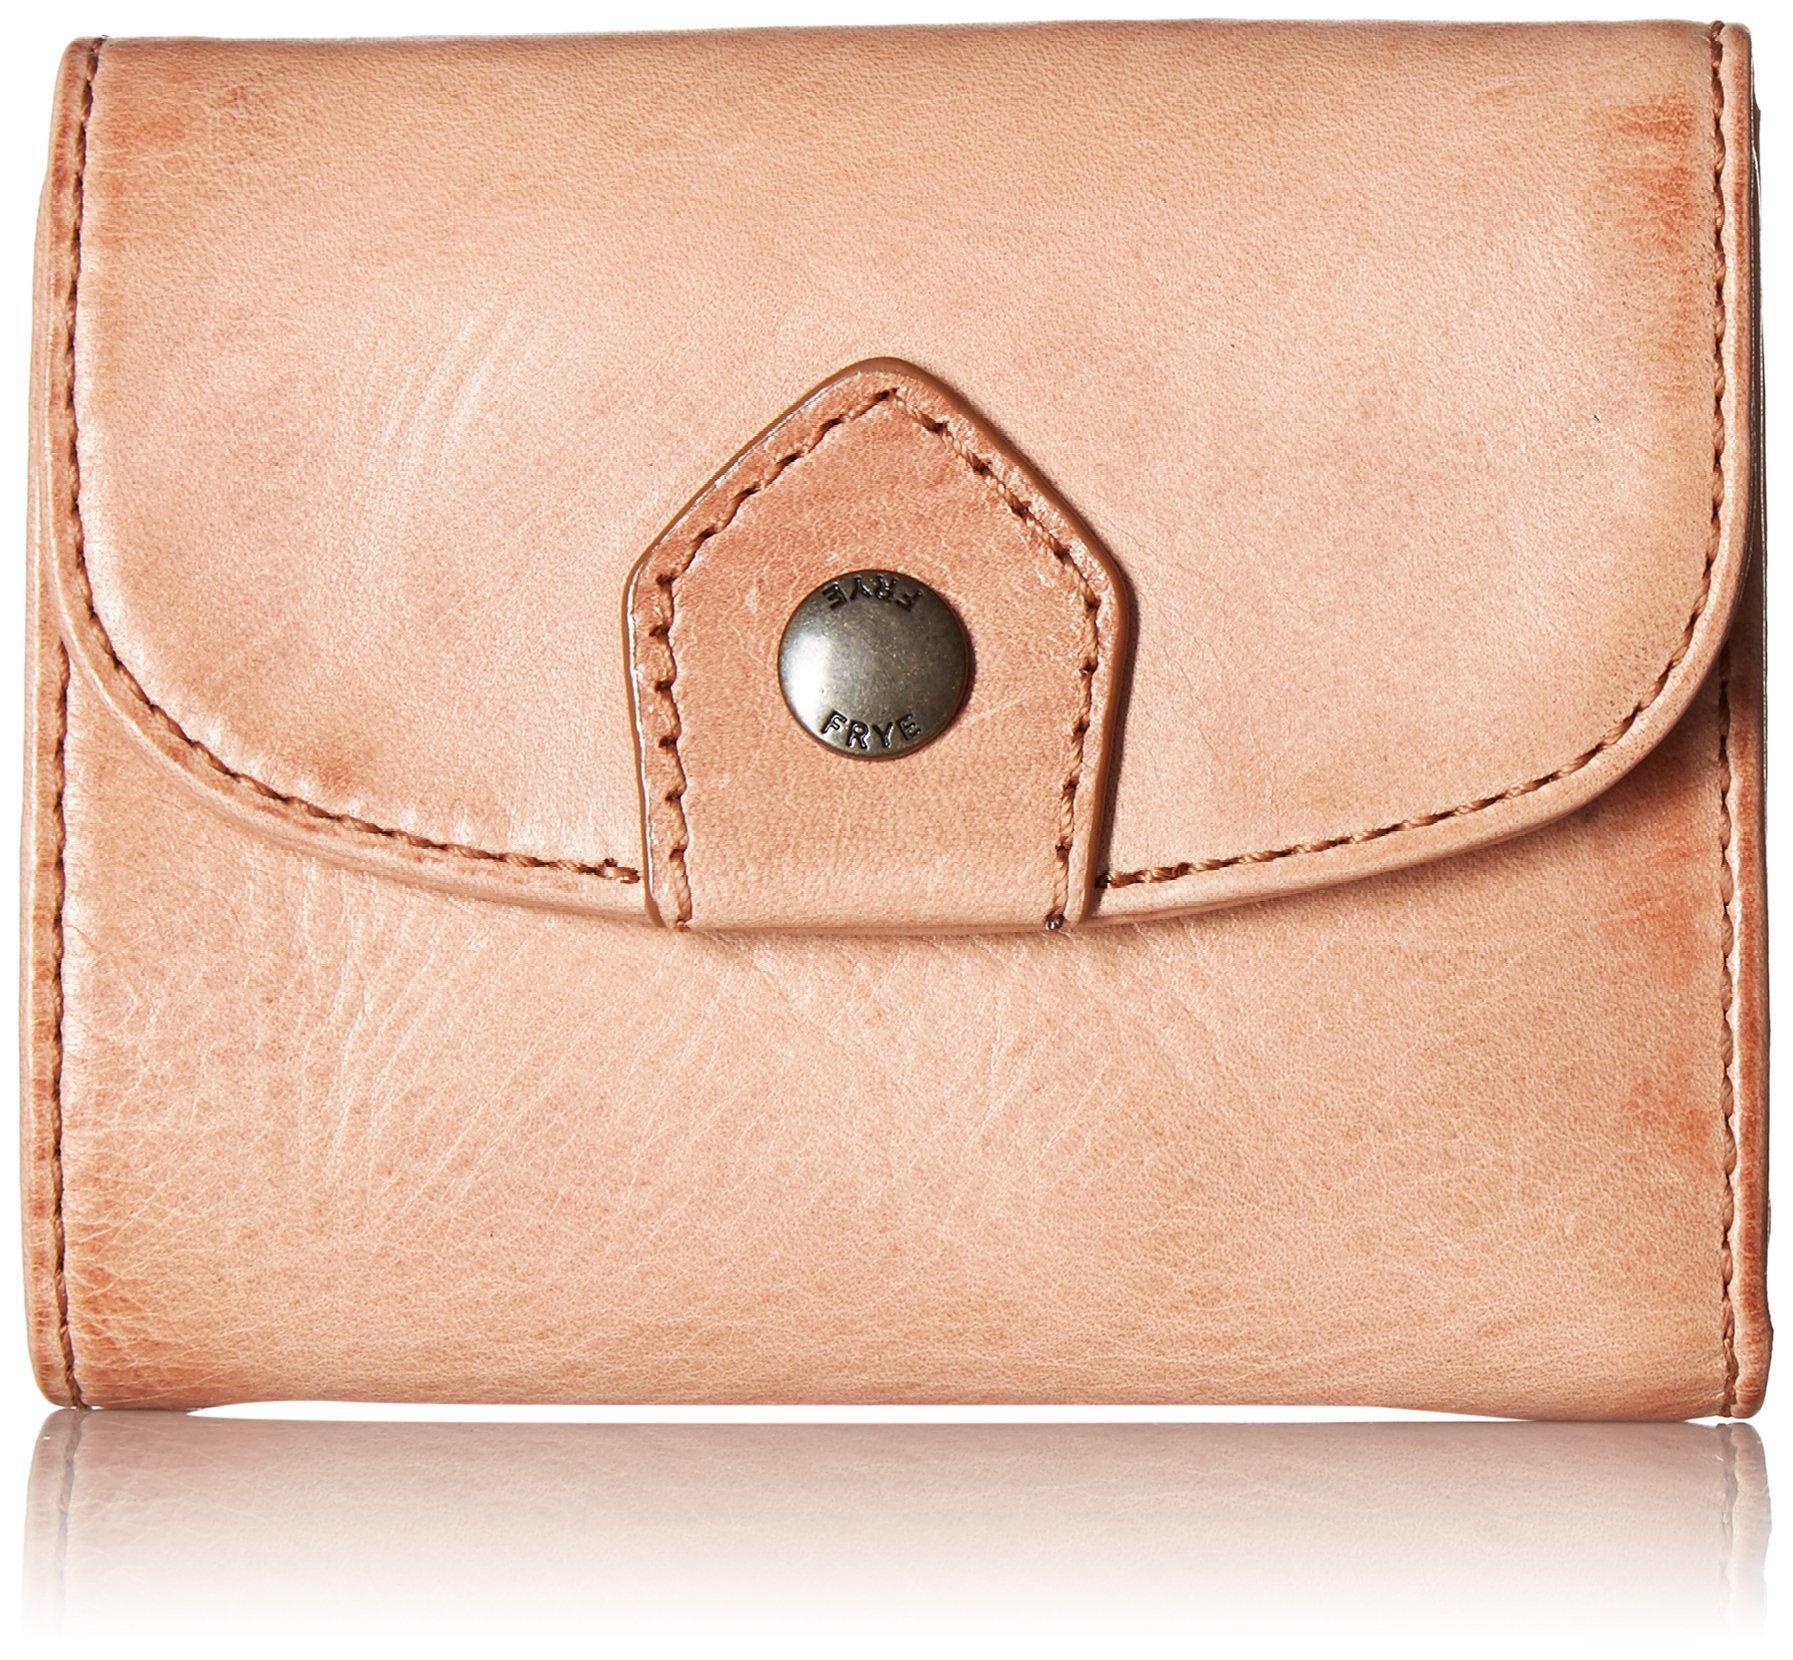 FRYE Women's Melissa Medium Snap Wallet, Dusty Rose, One Size